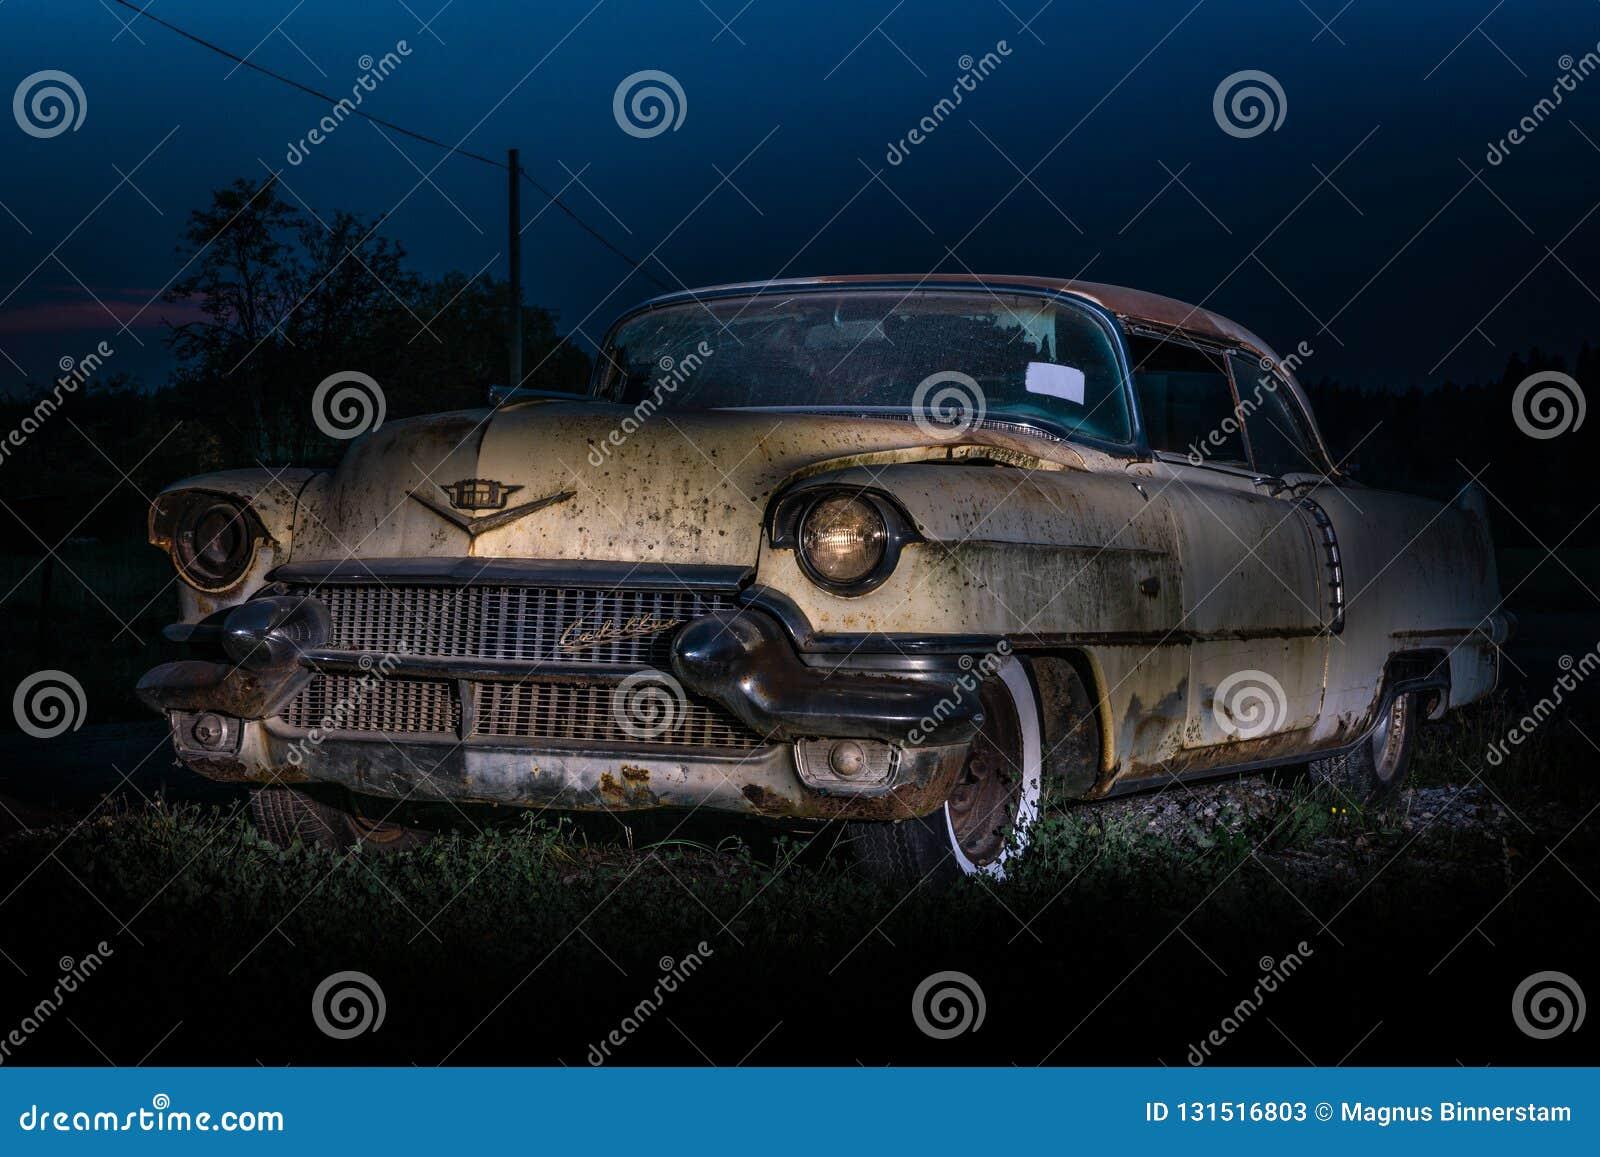 Światło malował przy nocą i wewnątrz bardzo bije w górę i w złym stanie Klasyczny Amerykański samochód od lata pięćdziesiąte